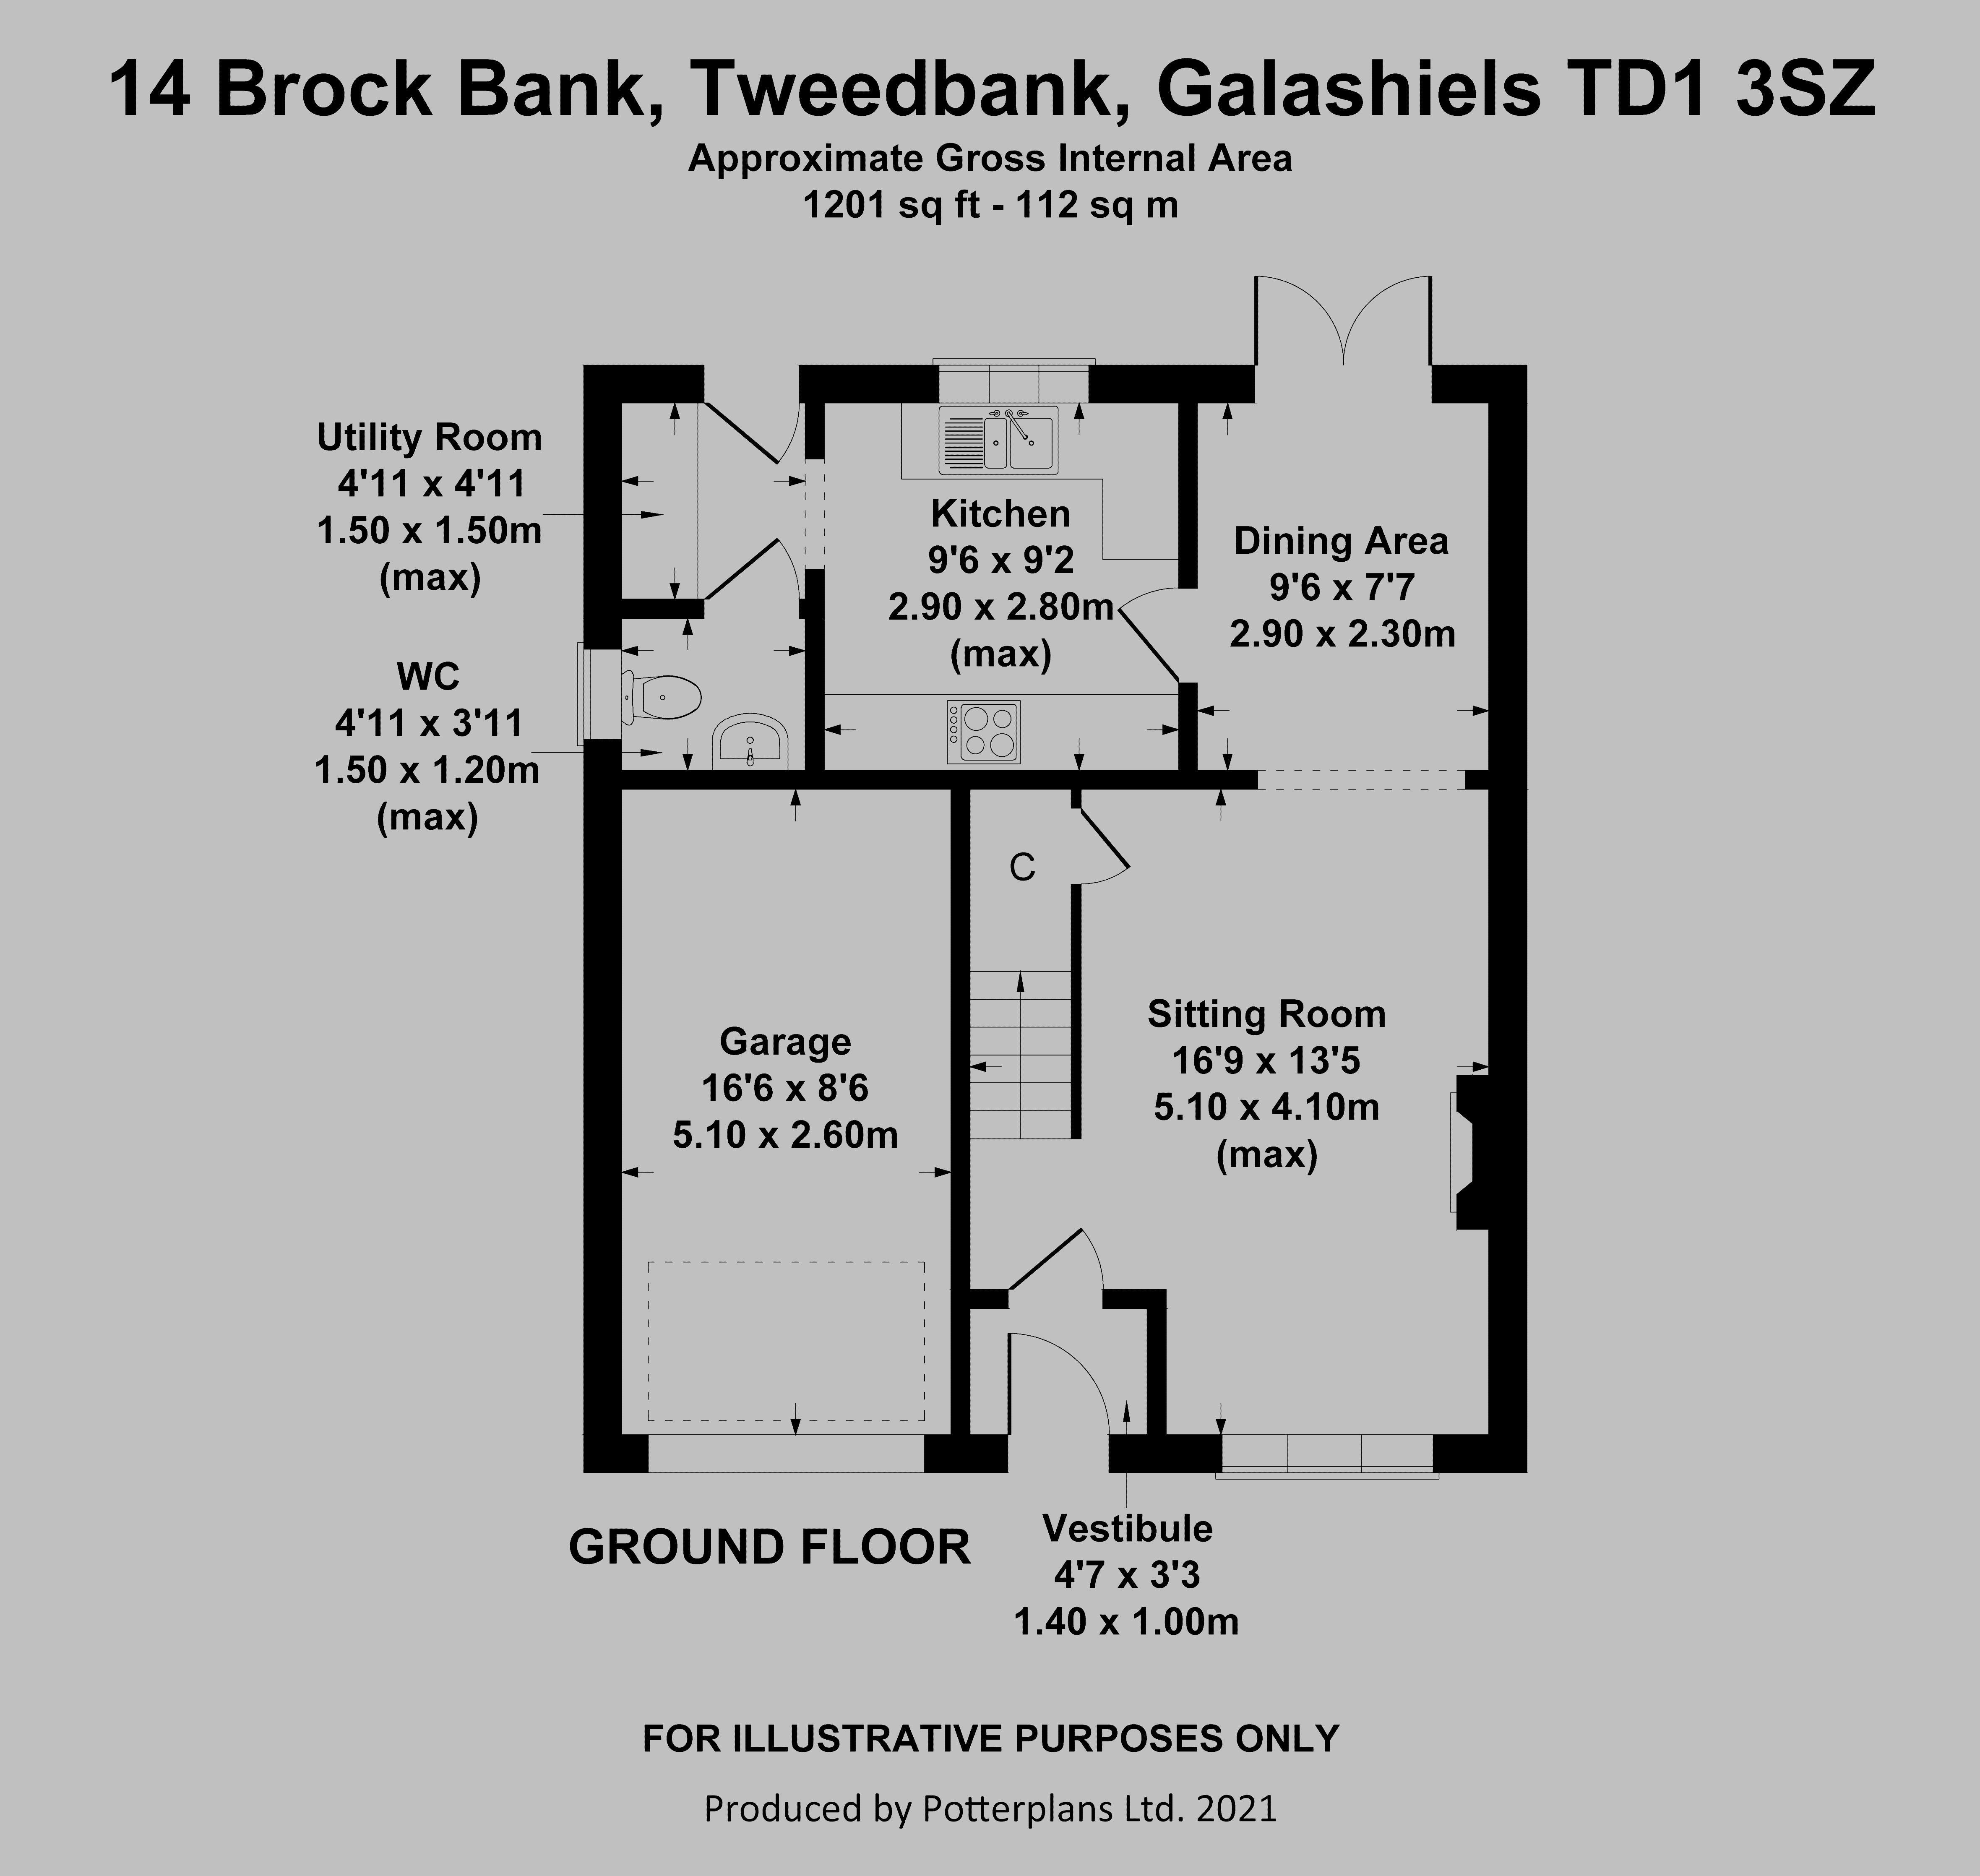 14 Brock Bank Ground Floor